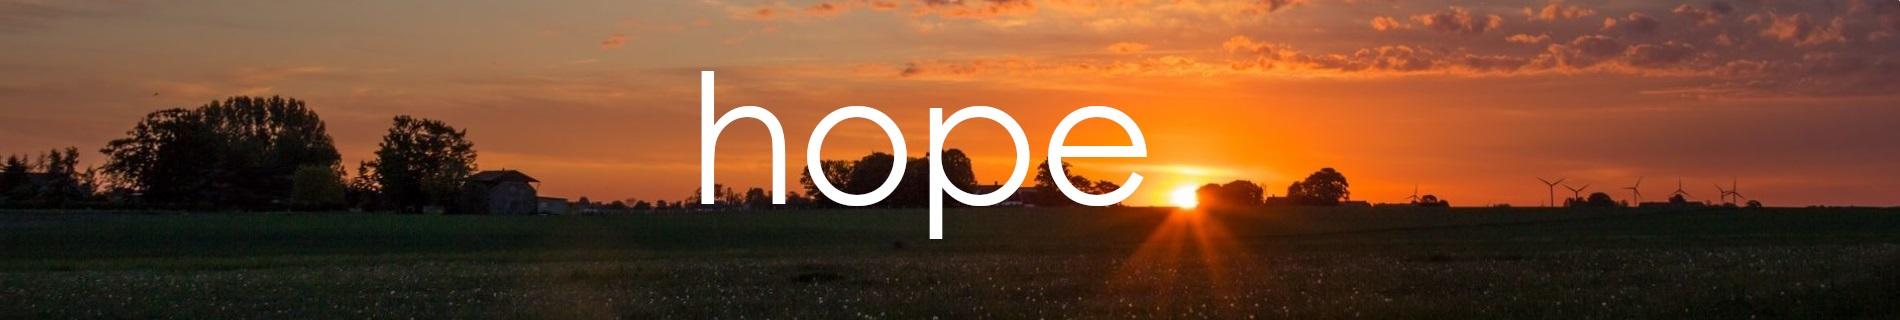 banner-dawn-hope-1900x320